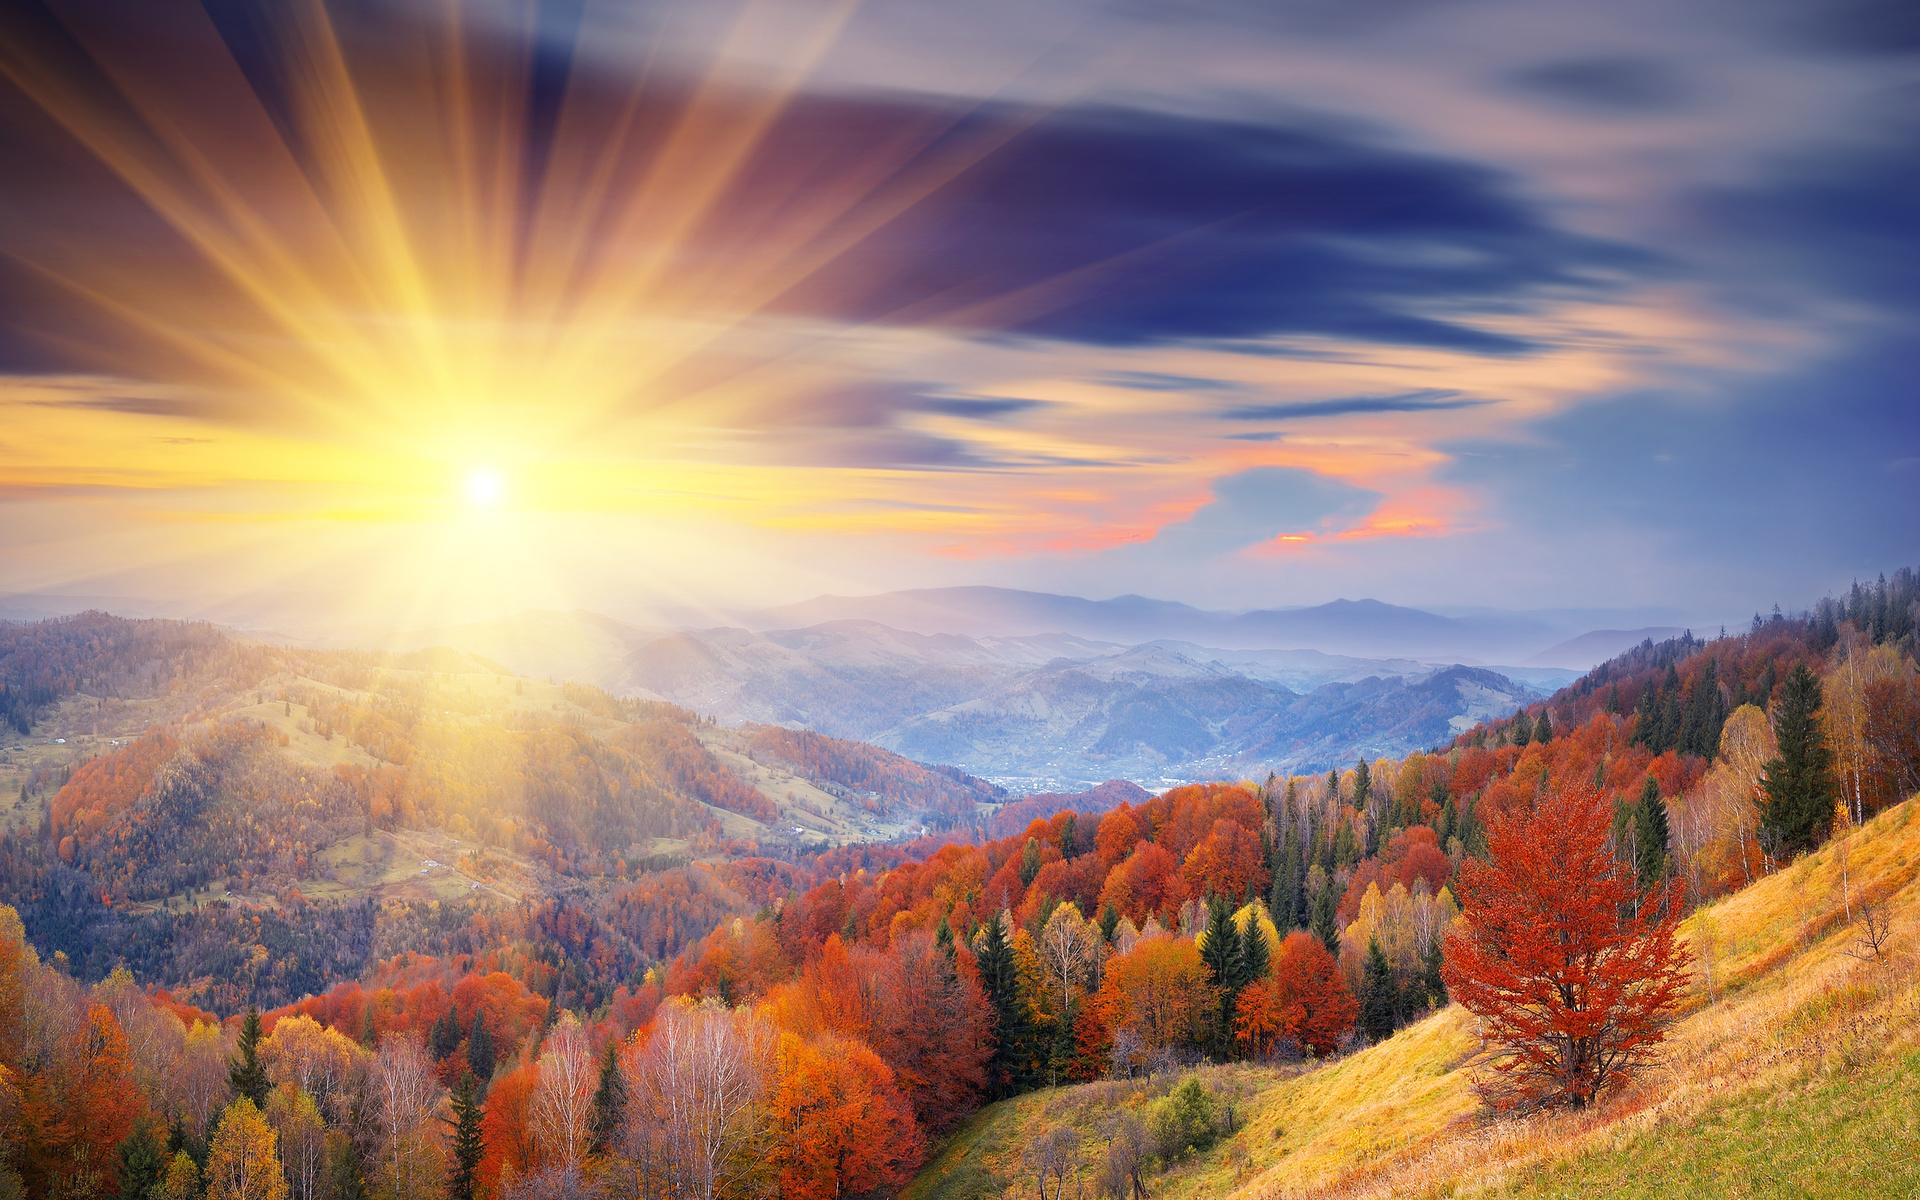 Солнце картинки красивые, новым 2019